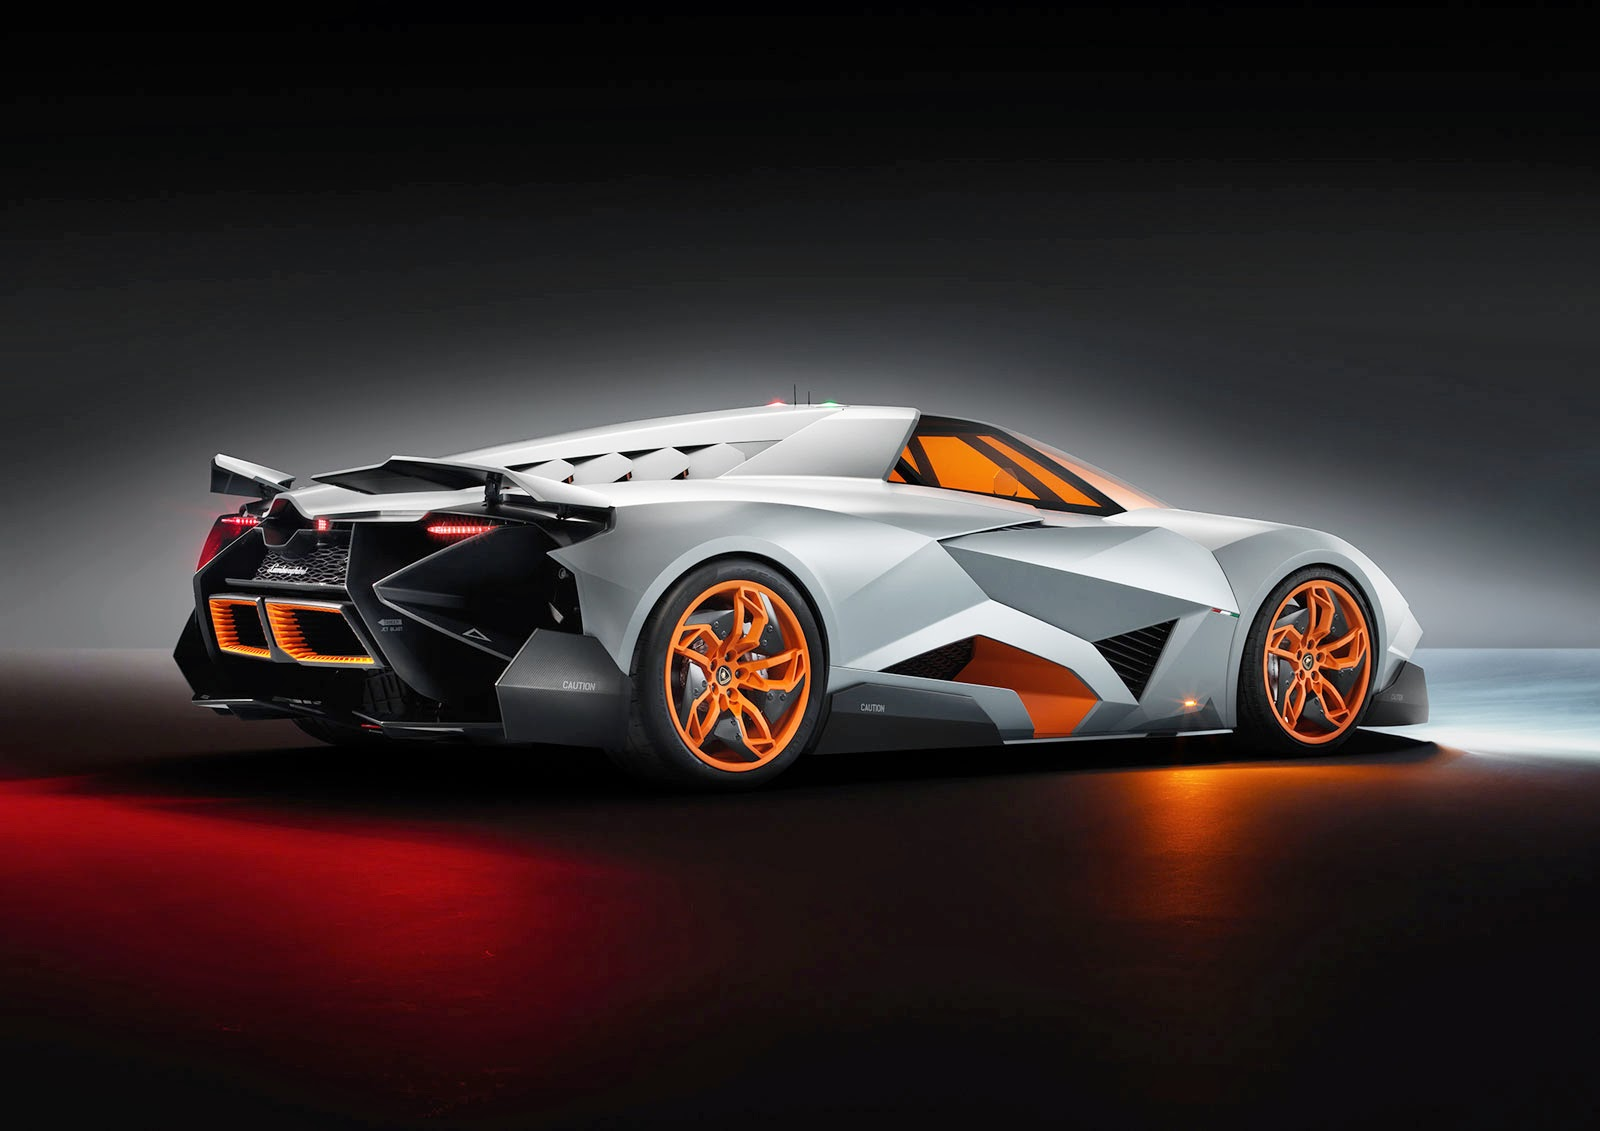 Lamborghini supercar 2013